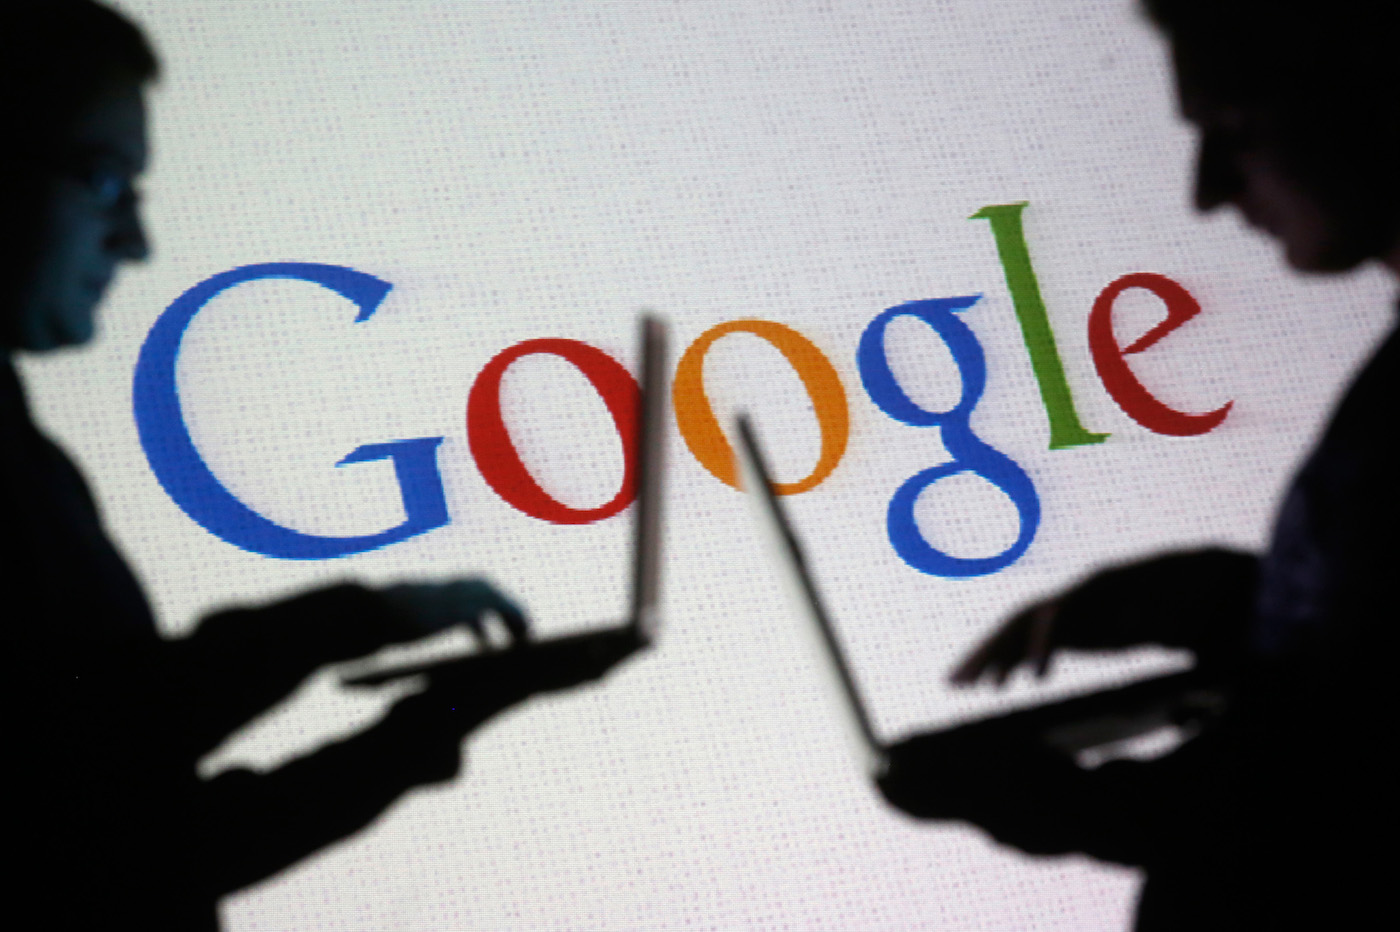 Google 去年撤下了約 17 億條「壞廣告」